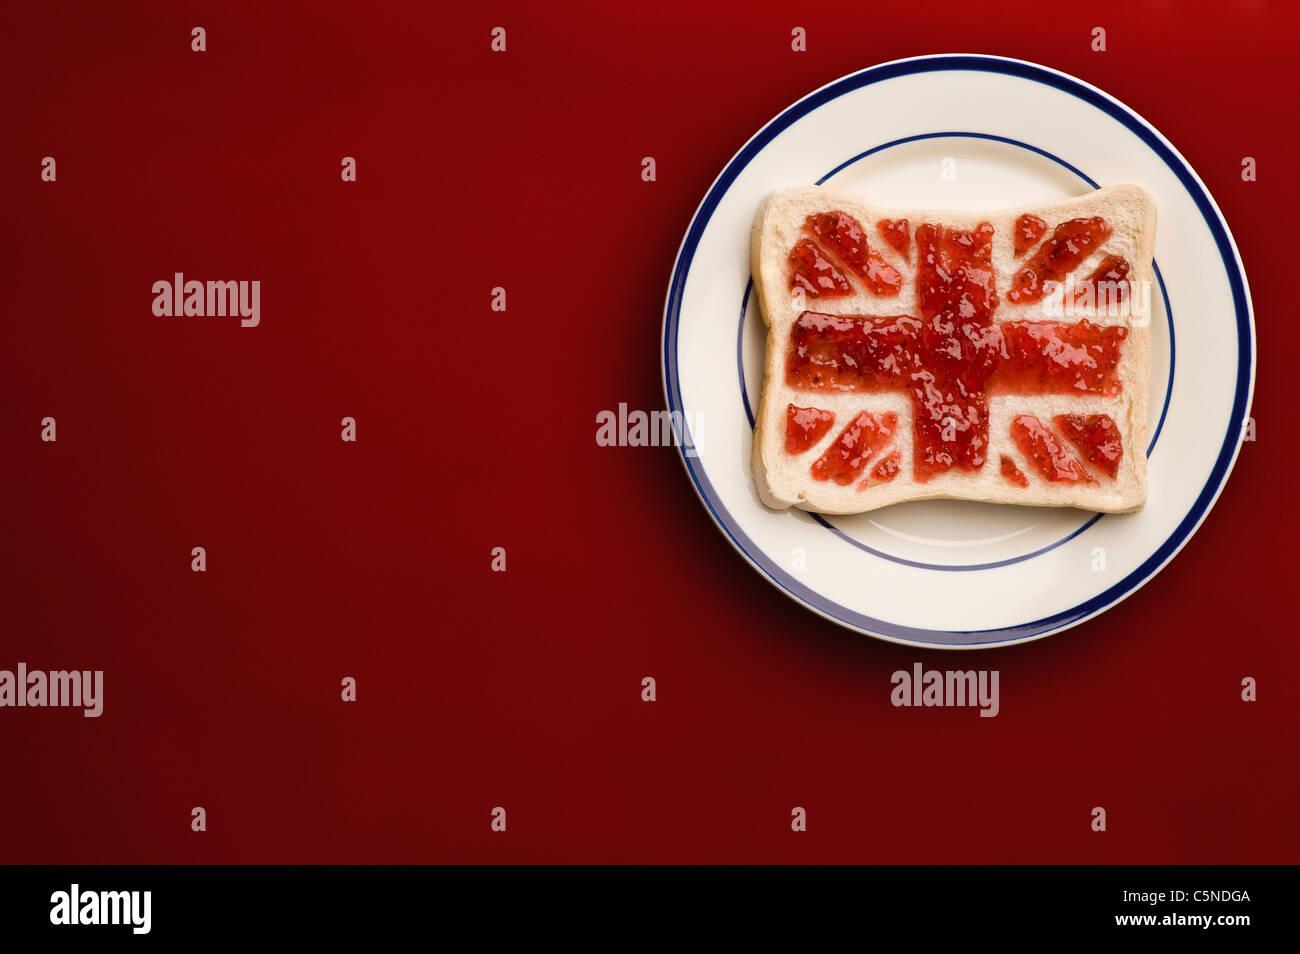 Una fetta di pane con un union jack flag di confettura di fragole Immagini Stock